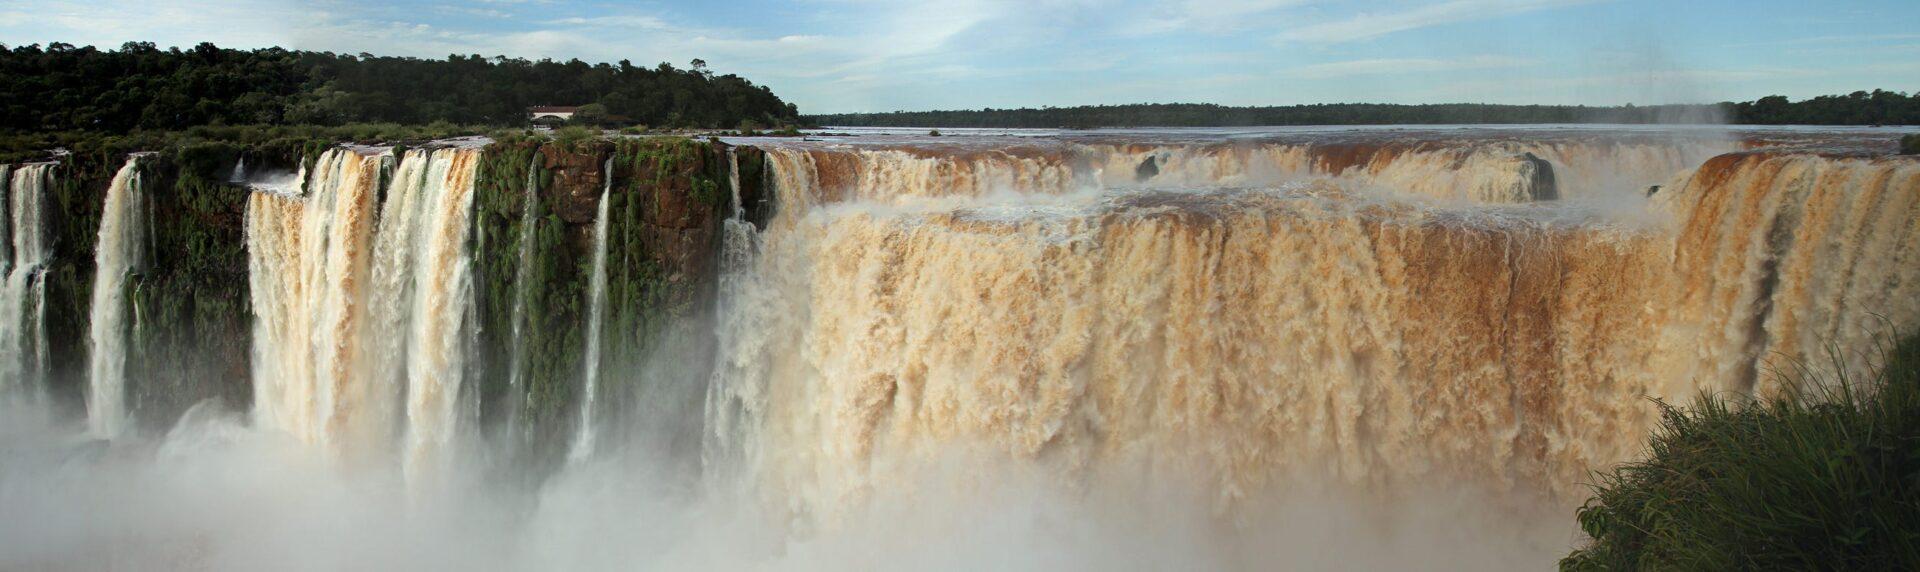 Argentinie Rondreizen Specialist Iguazu Watervallen Pano